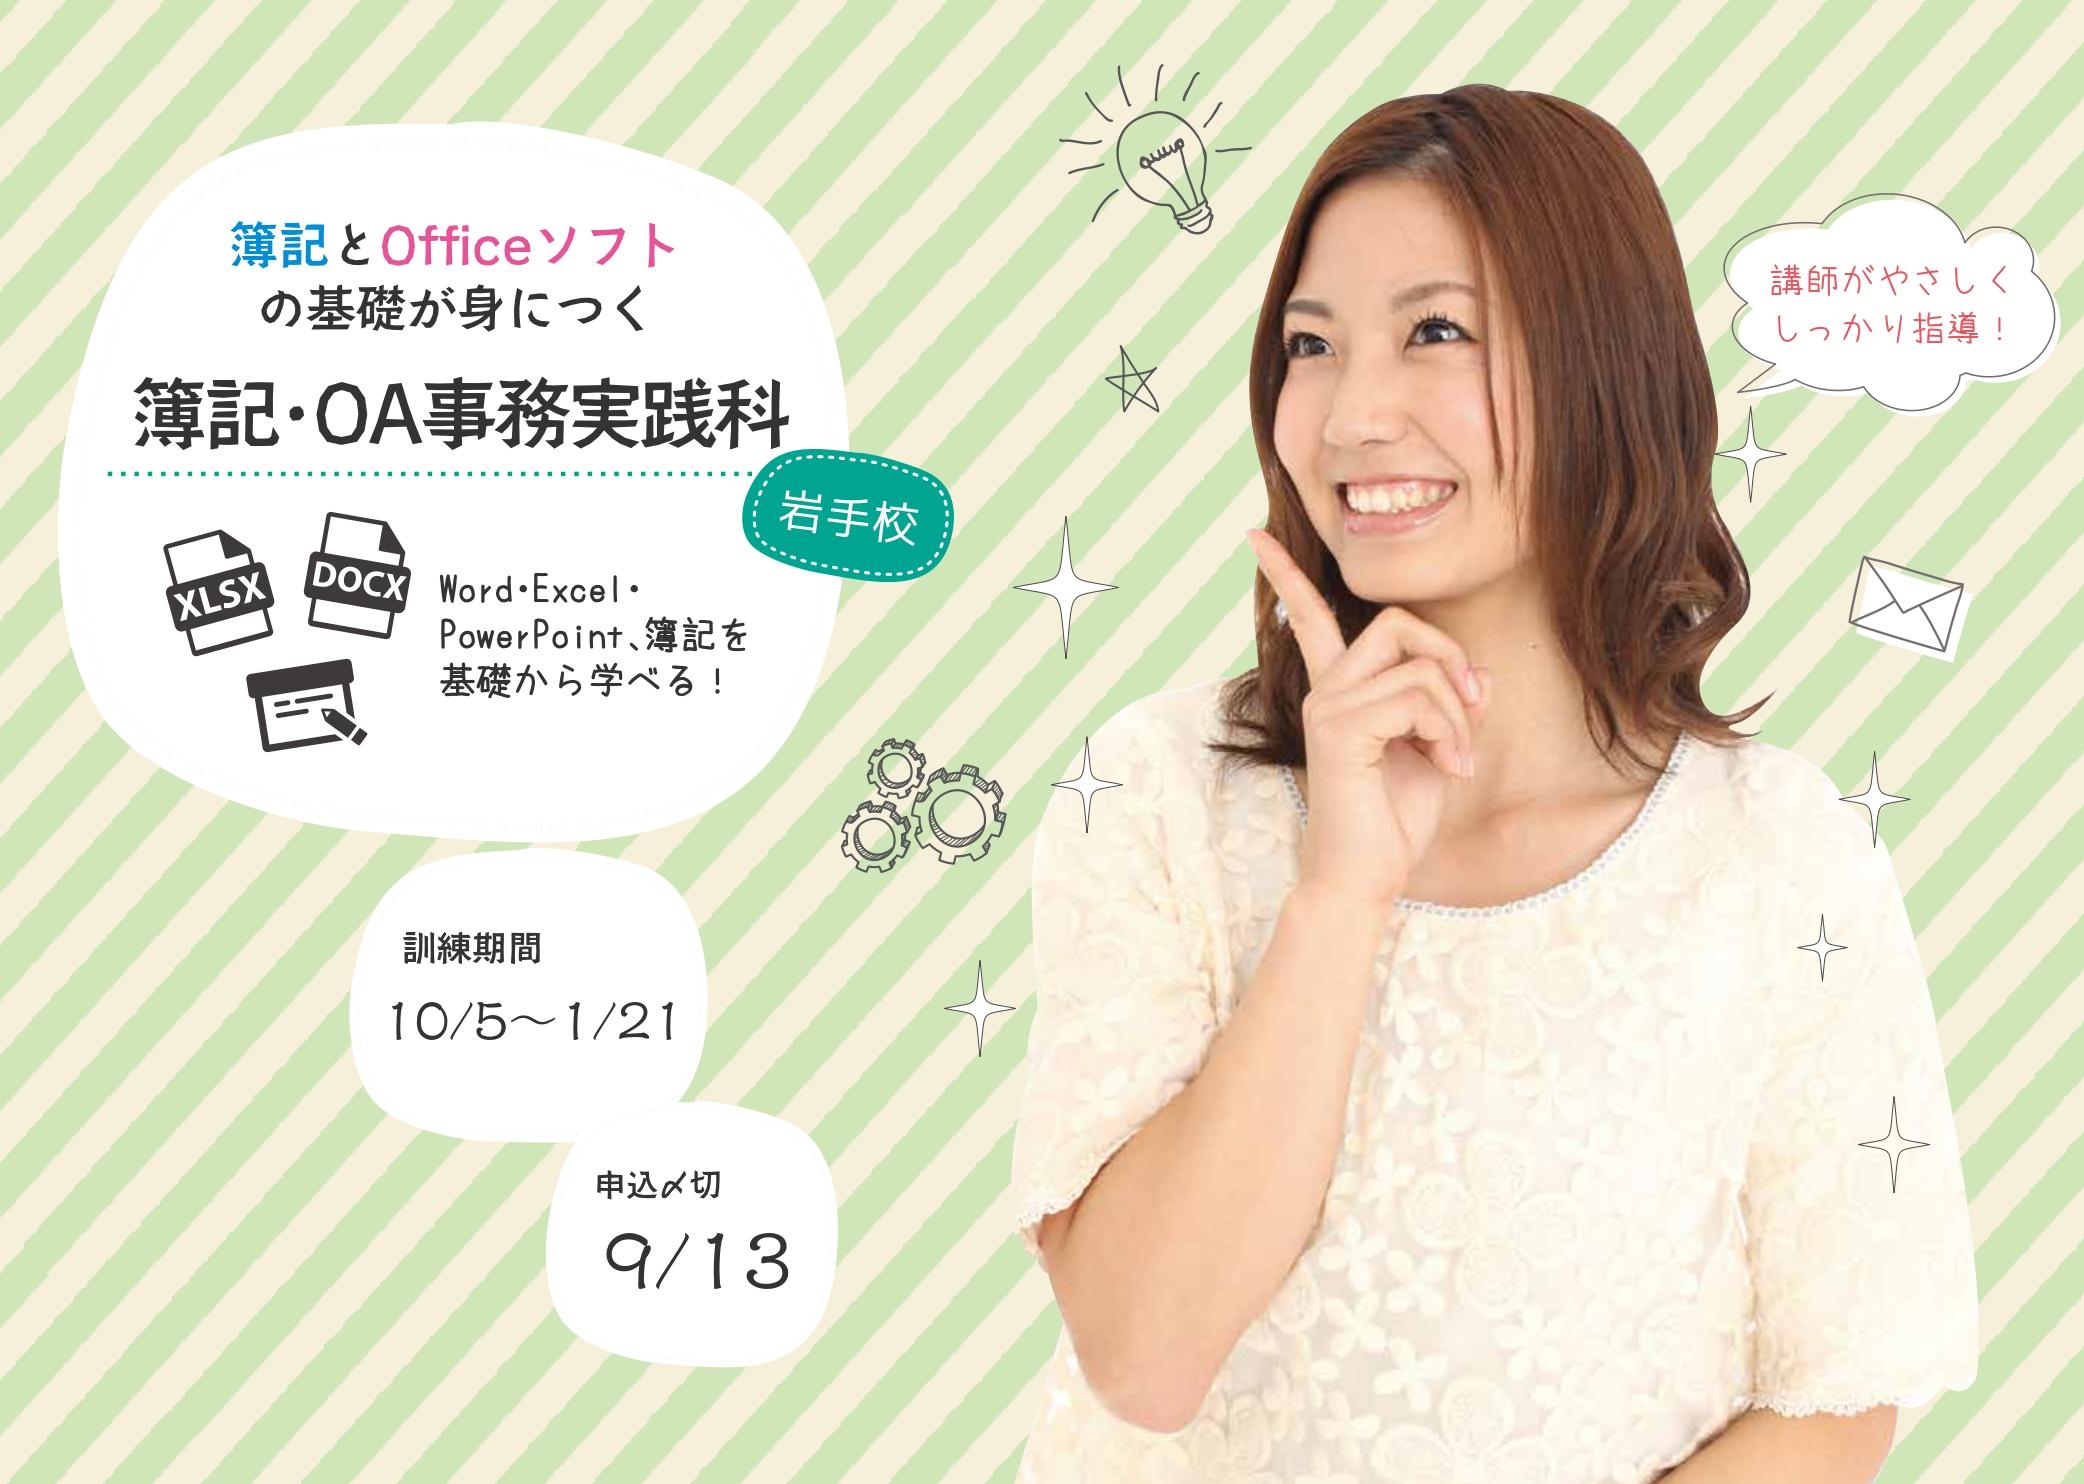 【岩手】簿記・OA事務実践科